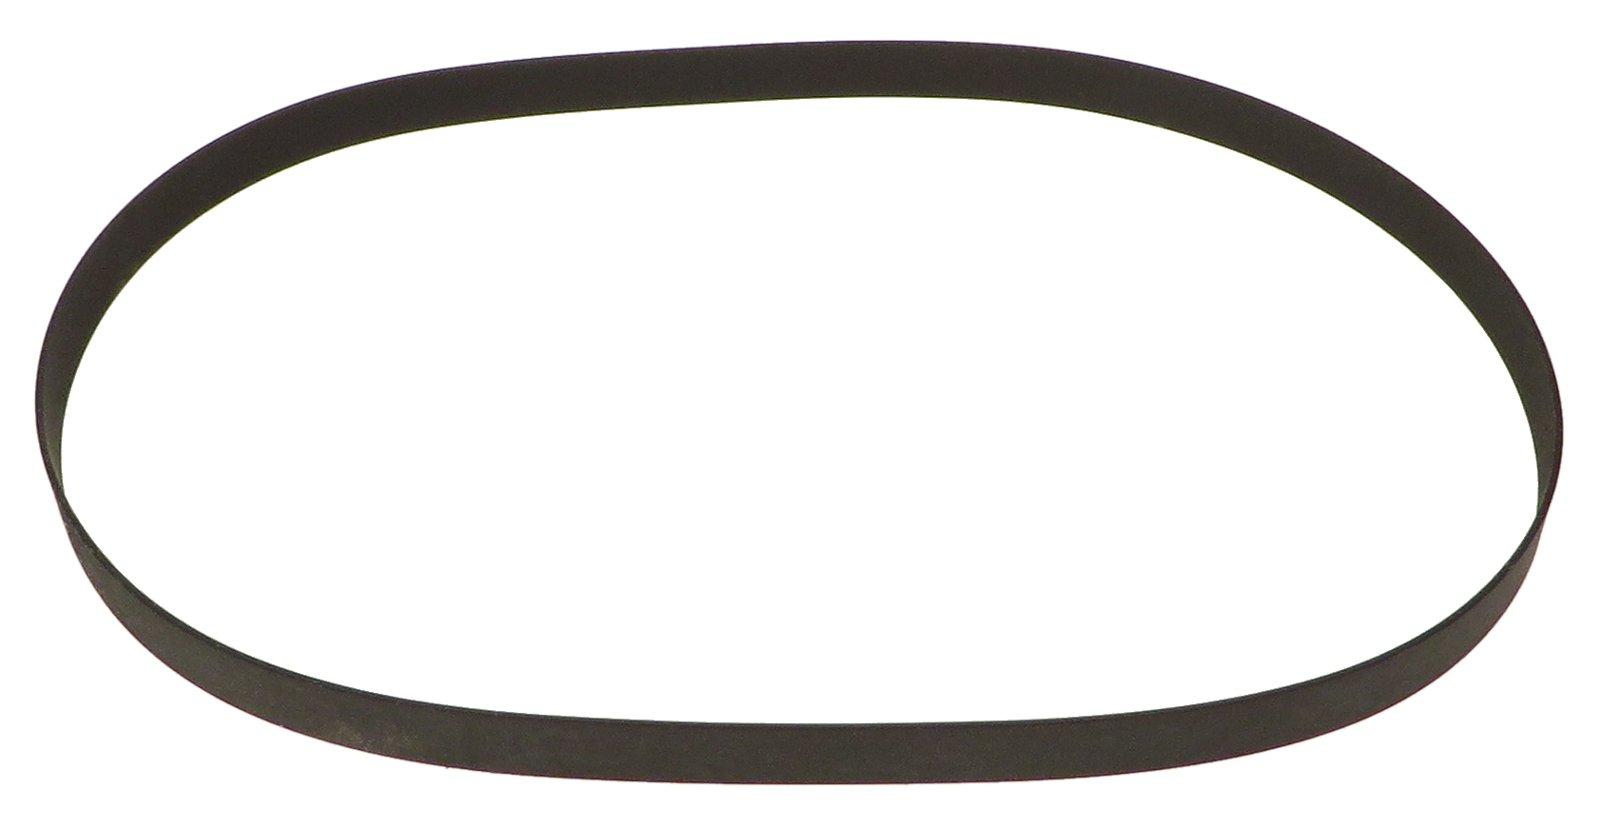 Tascam 5534810000 Capstan Belt for 112RMKII 5534810000